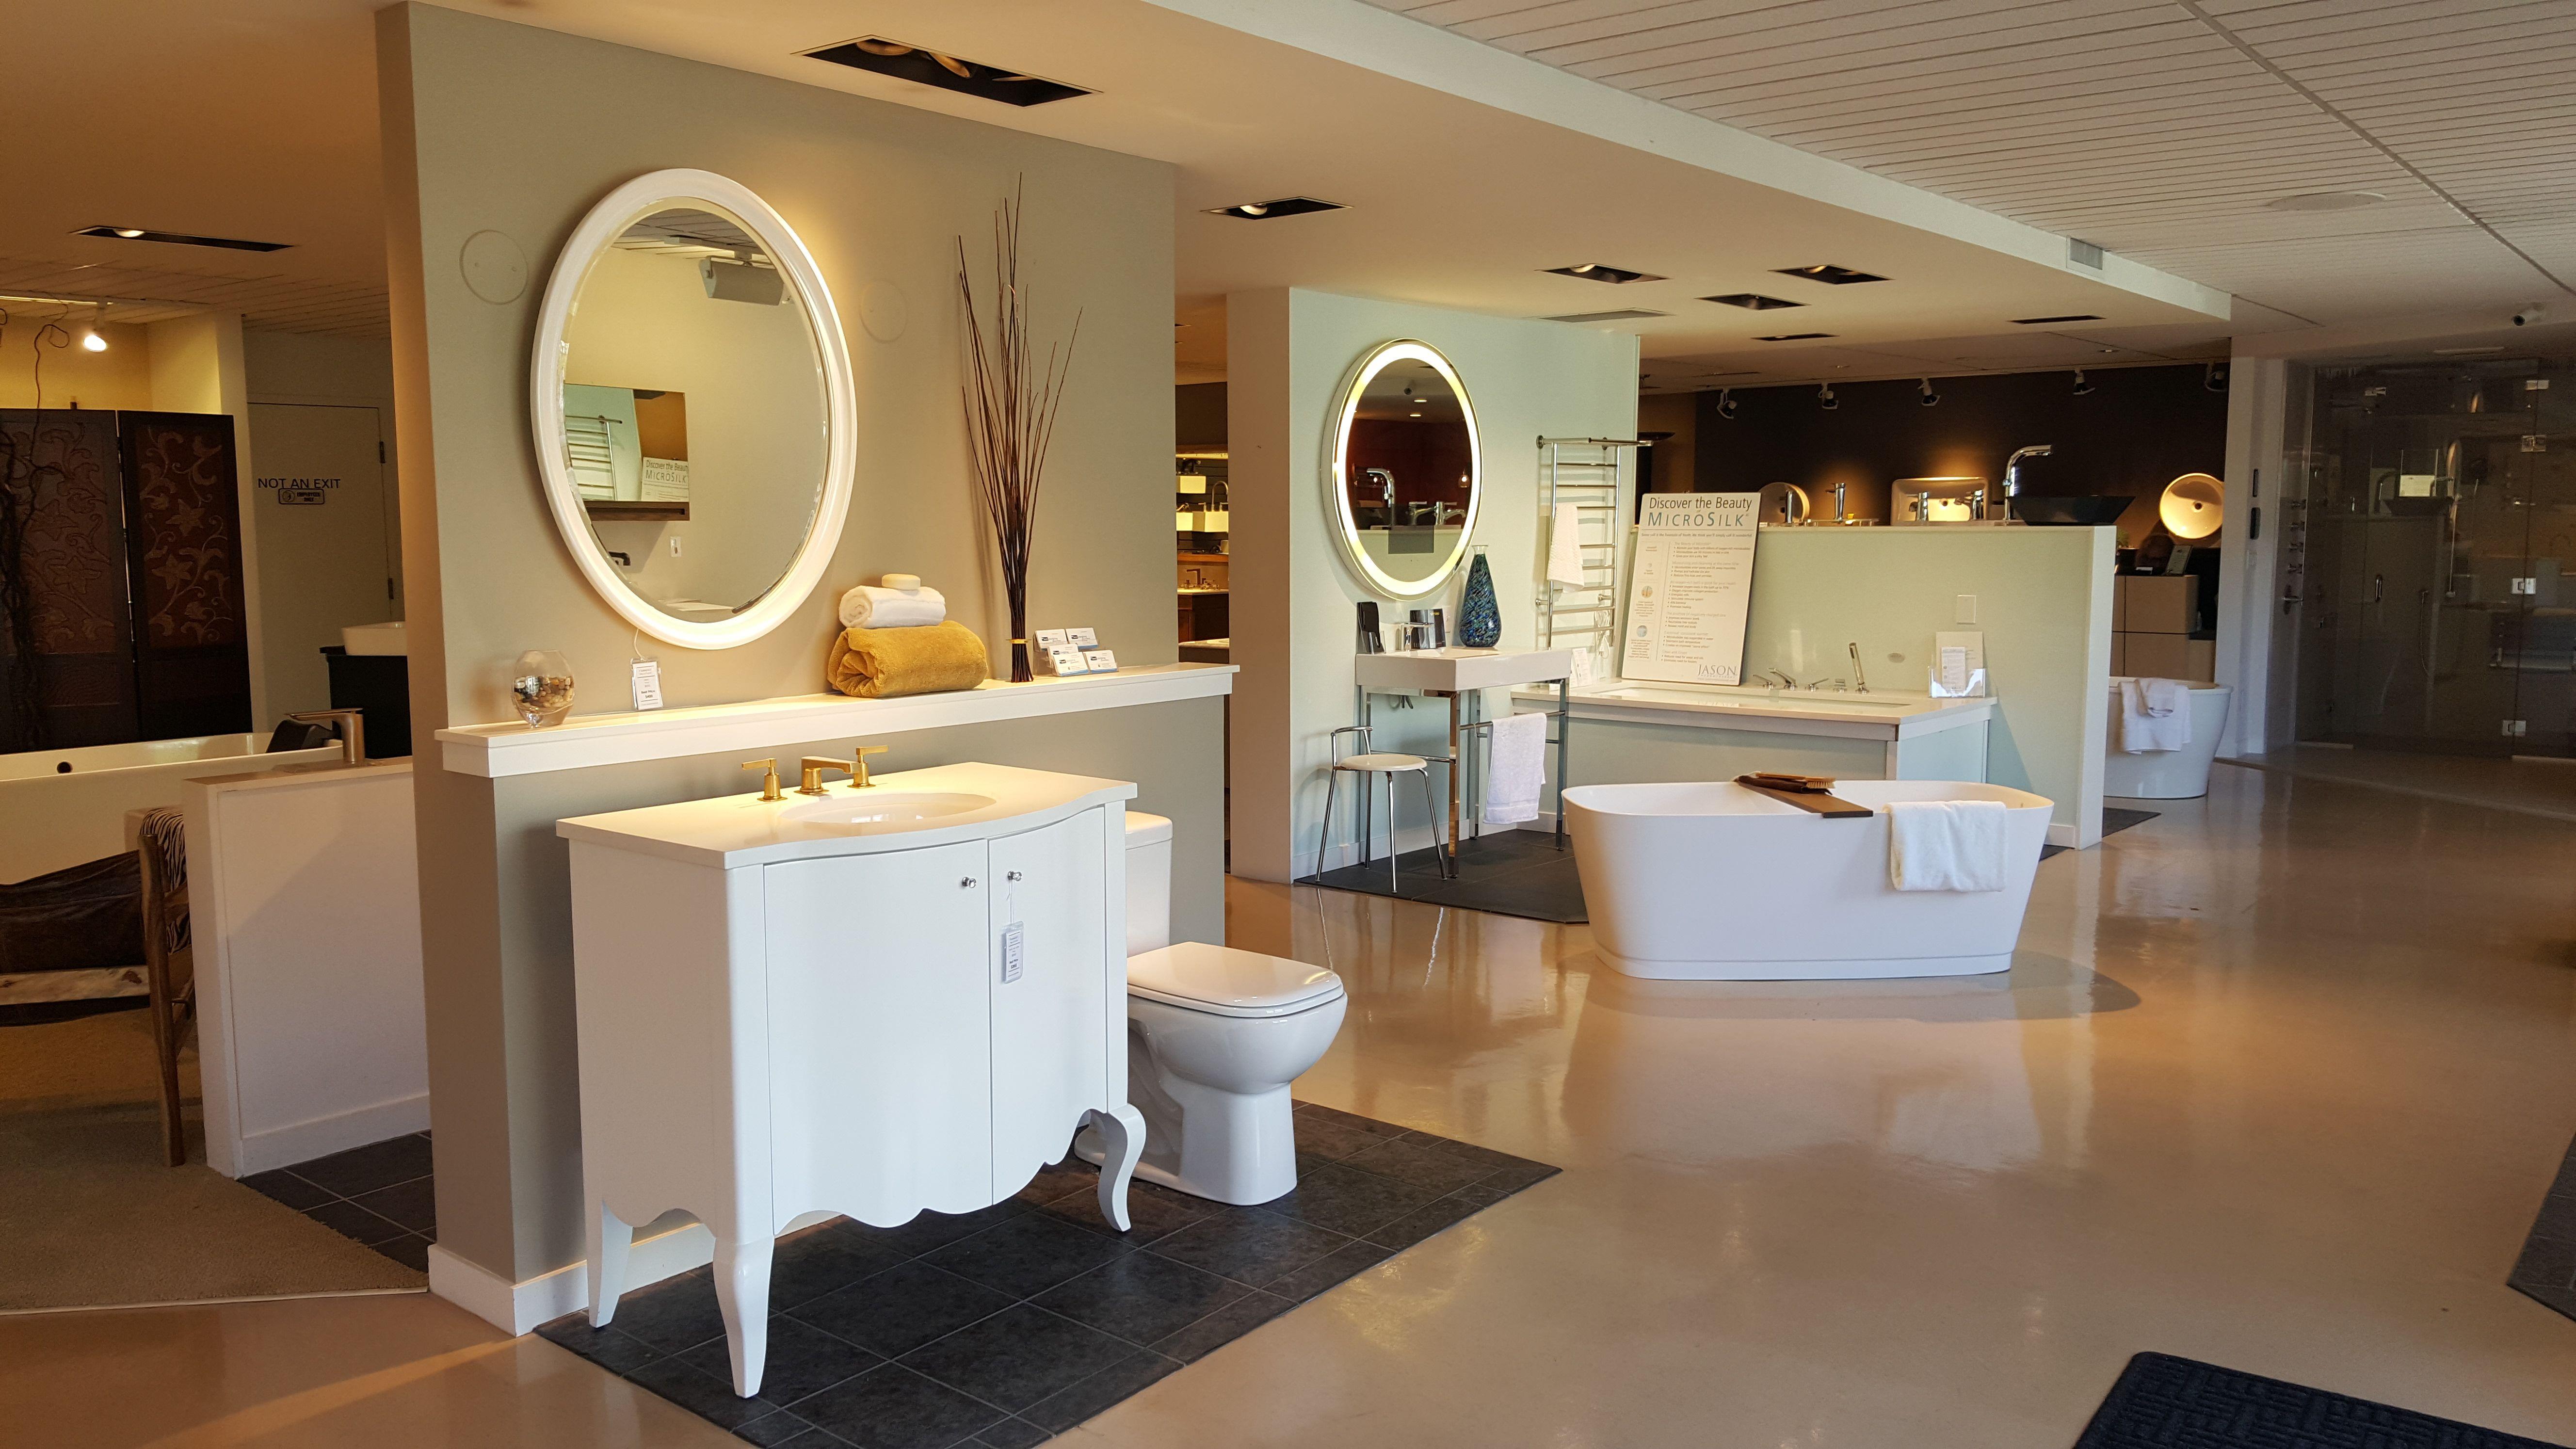 Pin by Best Plumbing Showroom on Best Plumbing Showroom | Pinterest ...